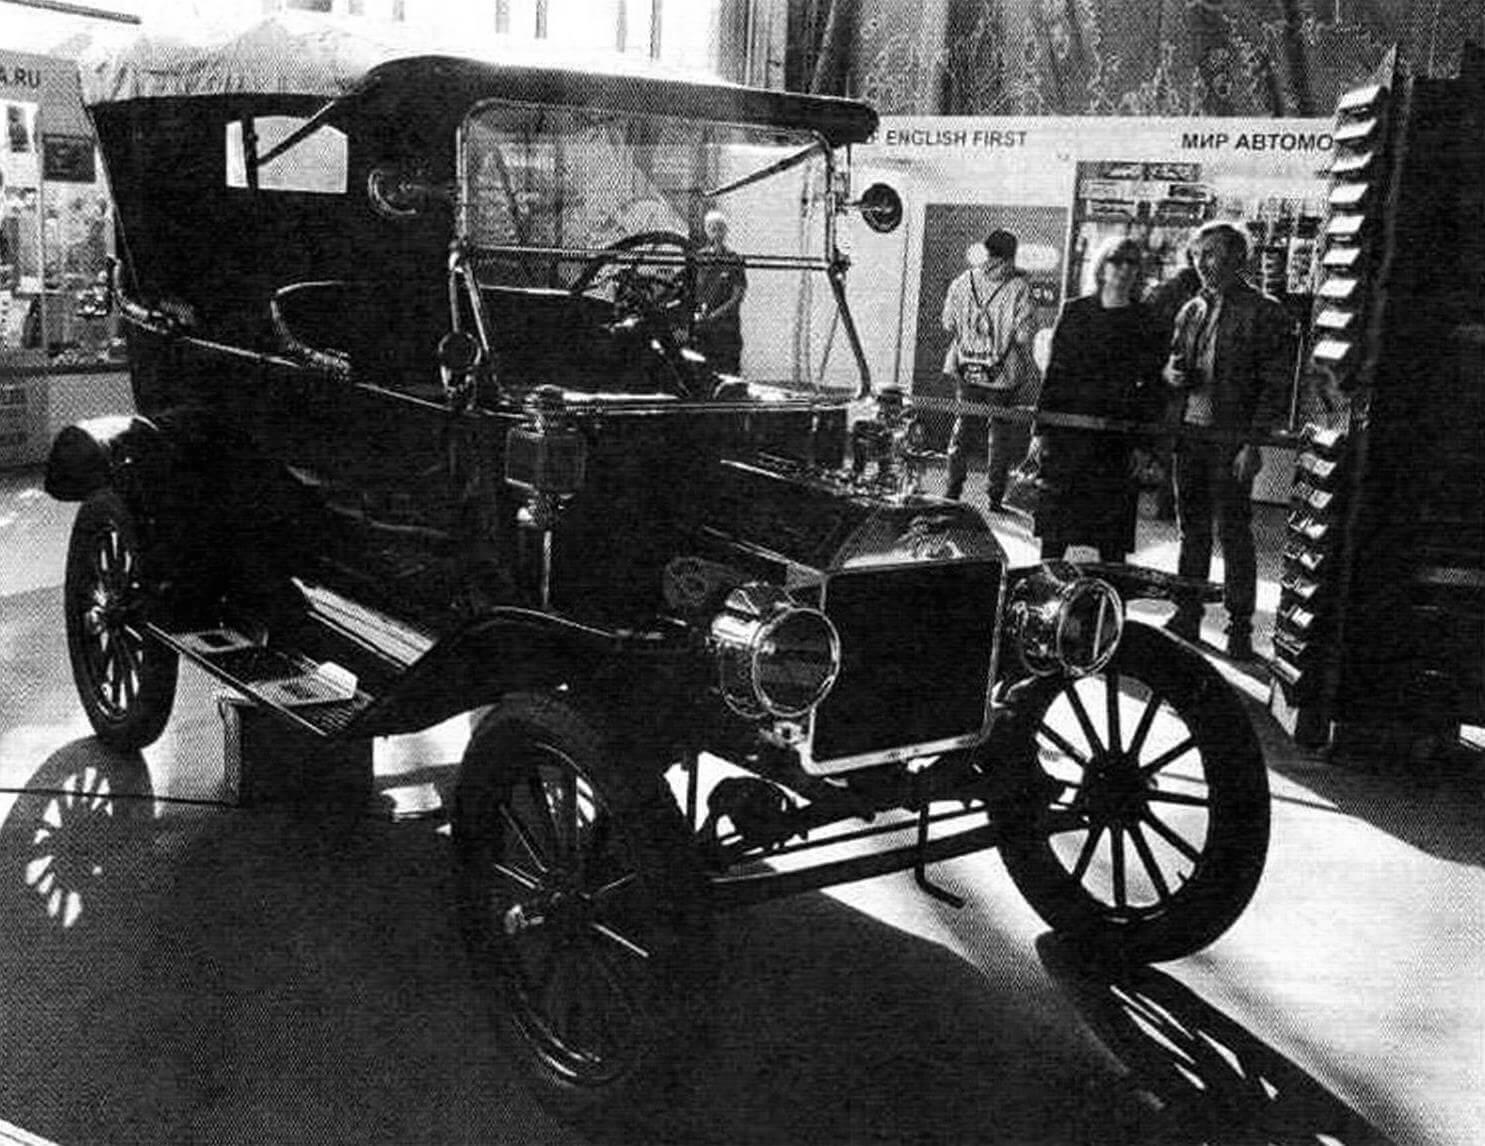 В марте в «Сокольниках» состоялась очередная, уже 29-я, ежегодная выставка «Олдтаймер-галерея», на которой было представлено большое количество старинных автомобилей и другой раритетной техники. А центральная часть экспозиции посвящалась 75-летию Победы в Великой Отечественной войне.